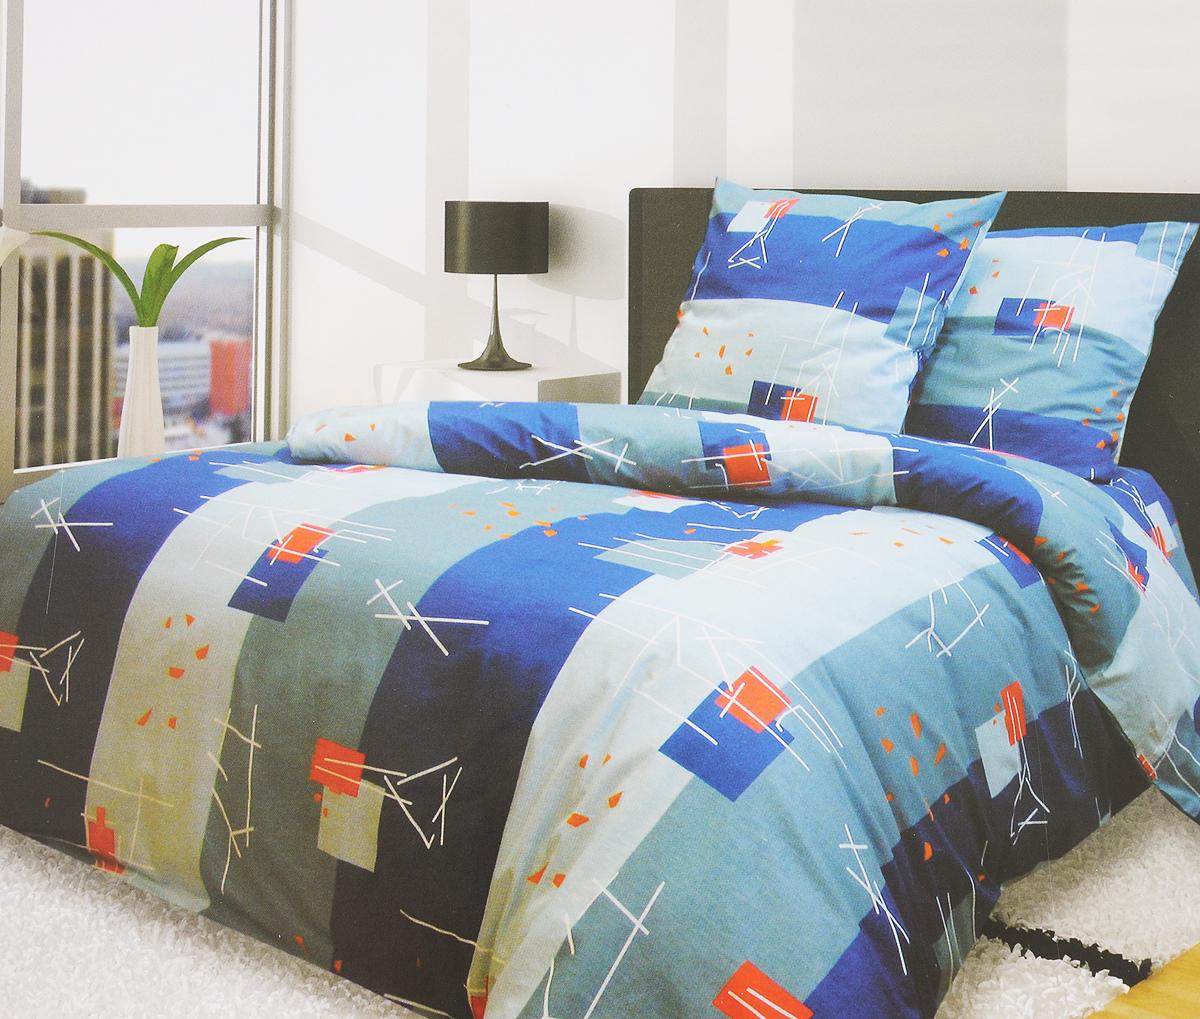 Комплект белья Катюша Хайтек, 2-спальный, наволочки 70х70, цвет: синий, красныйC-115/3927Комплект постельного белья Катюша Хайтек является экологически безопасным для всей семьи, так как выполнен из бязи (100% хлопок). Комплект состоит из пододеяльника, простыни и двух наволочек. Постельное белье оформлено оригинальным рисунком и имеет изысканный внешний вид. Бязь - это ткань полотняного переплетения, изготовленная из экологически чистого и натурального 100% хлопка. Она прочная, мягкая, обладает низкой сминаемостью, легко стирается и хорошо гладится. Бязь прекрасно пропускает воздух и за ней легко ухаживать. При соблюдении рекомендуемых условий стирки, сушки и глажения ткань имеет усадку по ГОСТу, сохранятся яркость текстильных рисунков. Приобретая комплект постельного белья Катюша Хайтек, вы можете быть уверенны в том, что покупка доставит вам и вашим близким удовольствие и подарит максимальный комфорт.